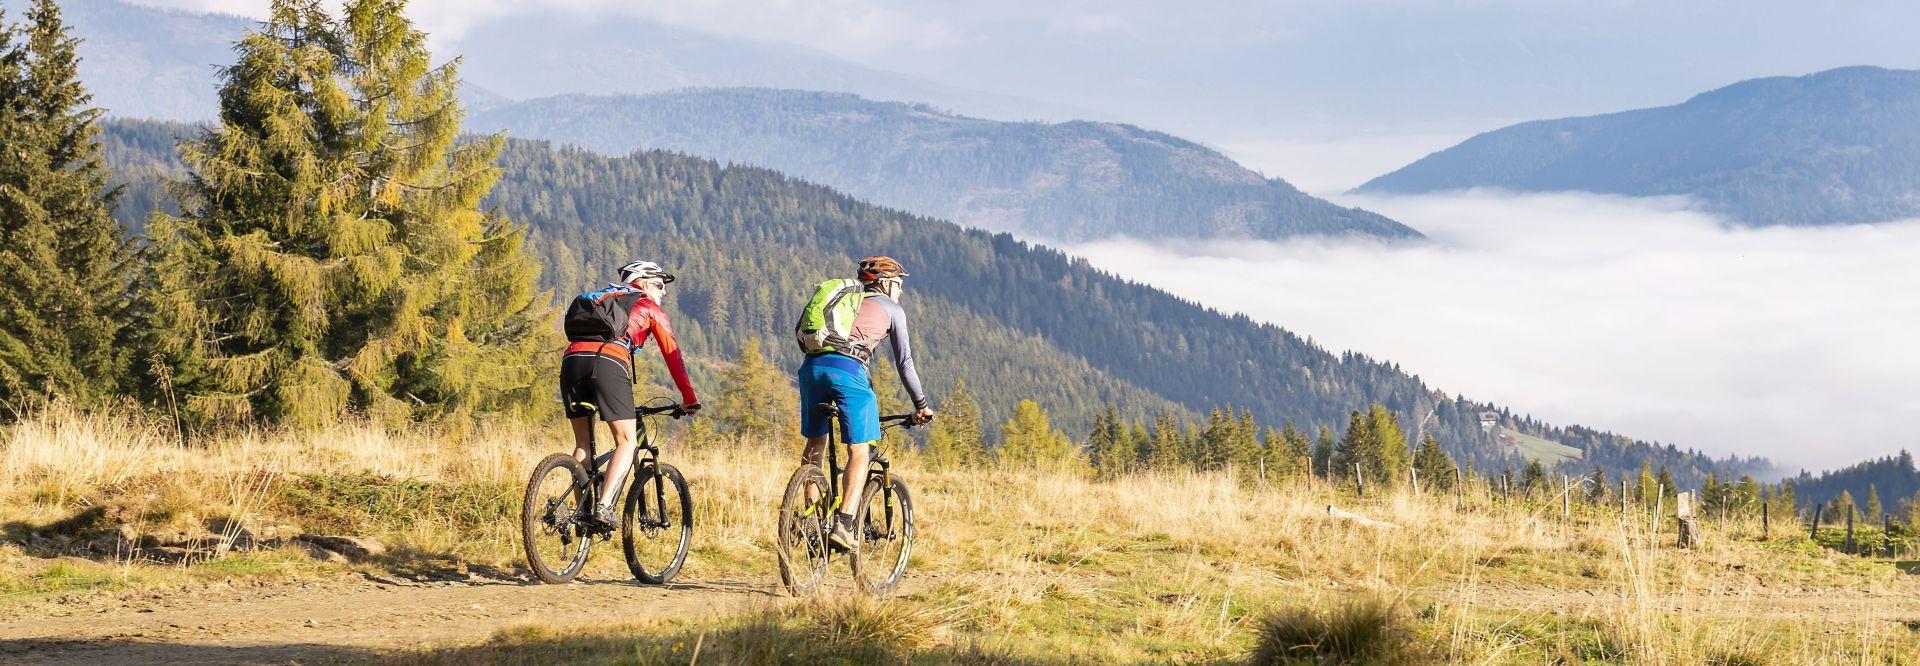 Biken in herrlicher Berglandschaft (c) MühlbacherRupert GAS (St. Margarethen)